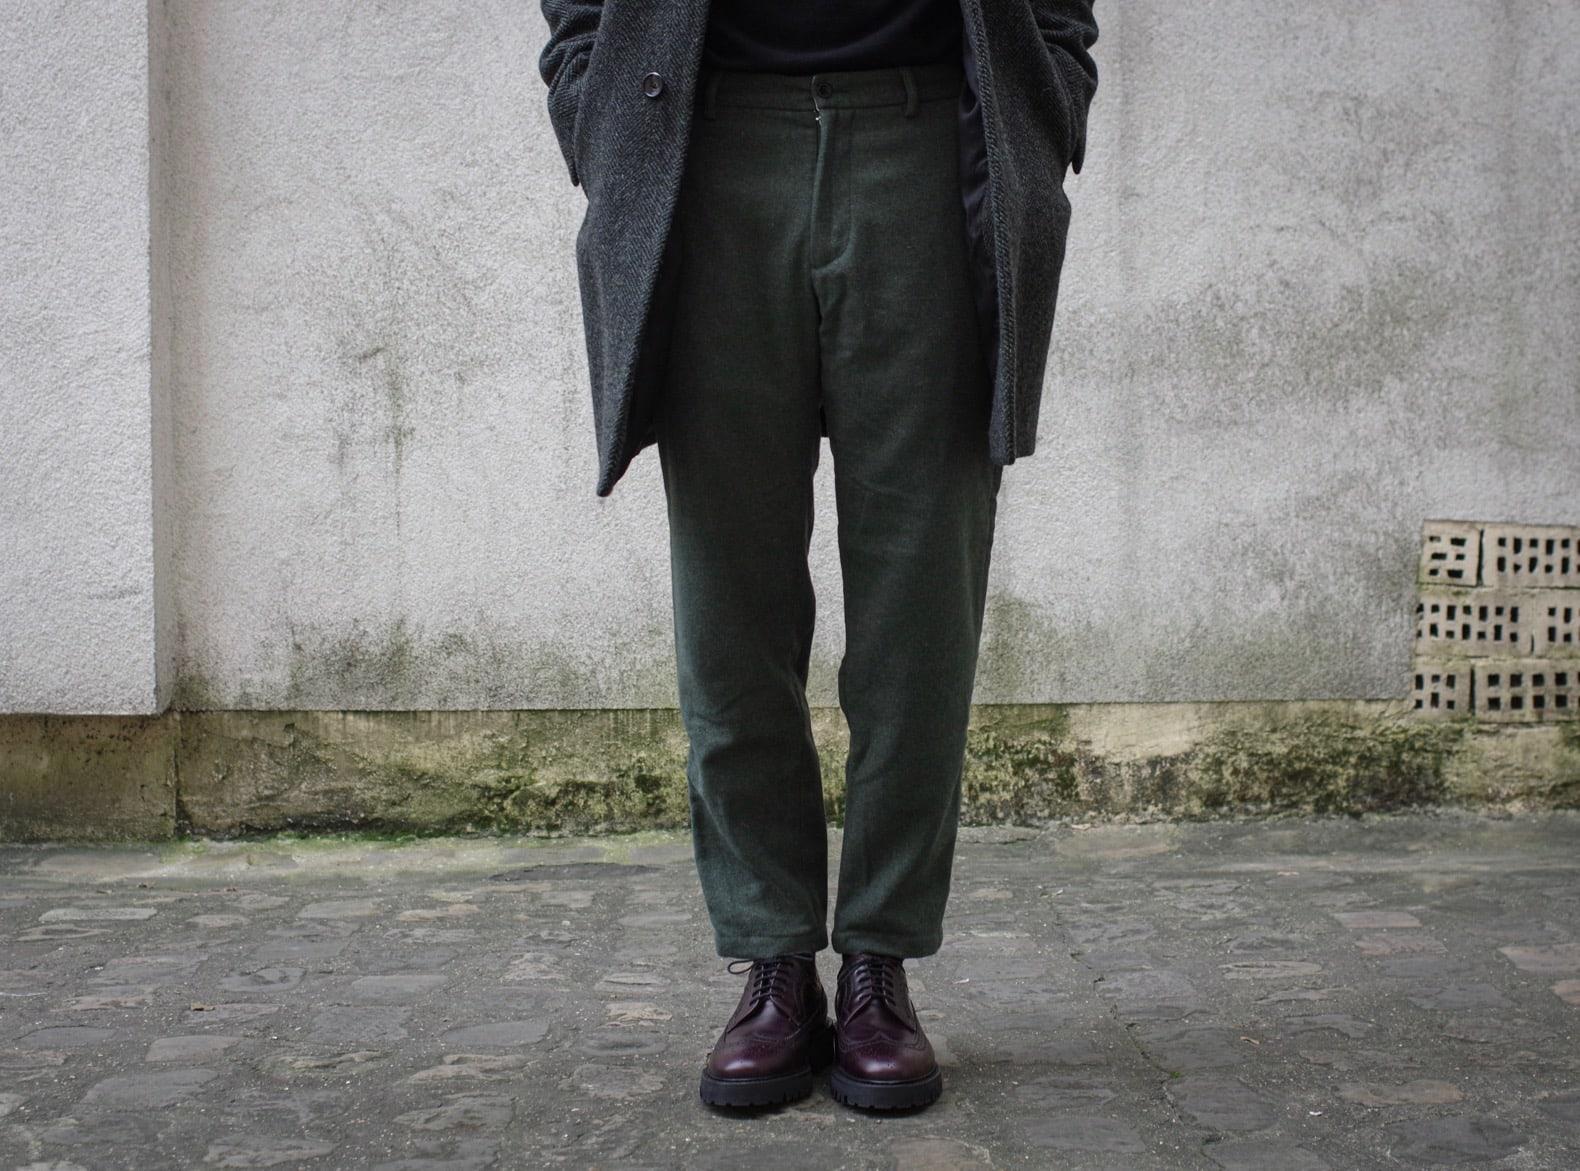 pantalon en laine Gant tapered + brogue couleur cordovan Max Sauveur x Luca laccio